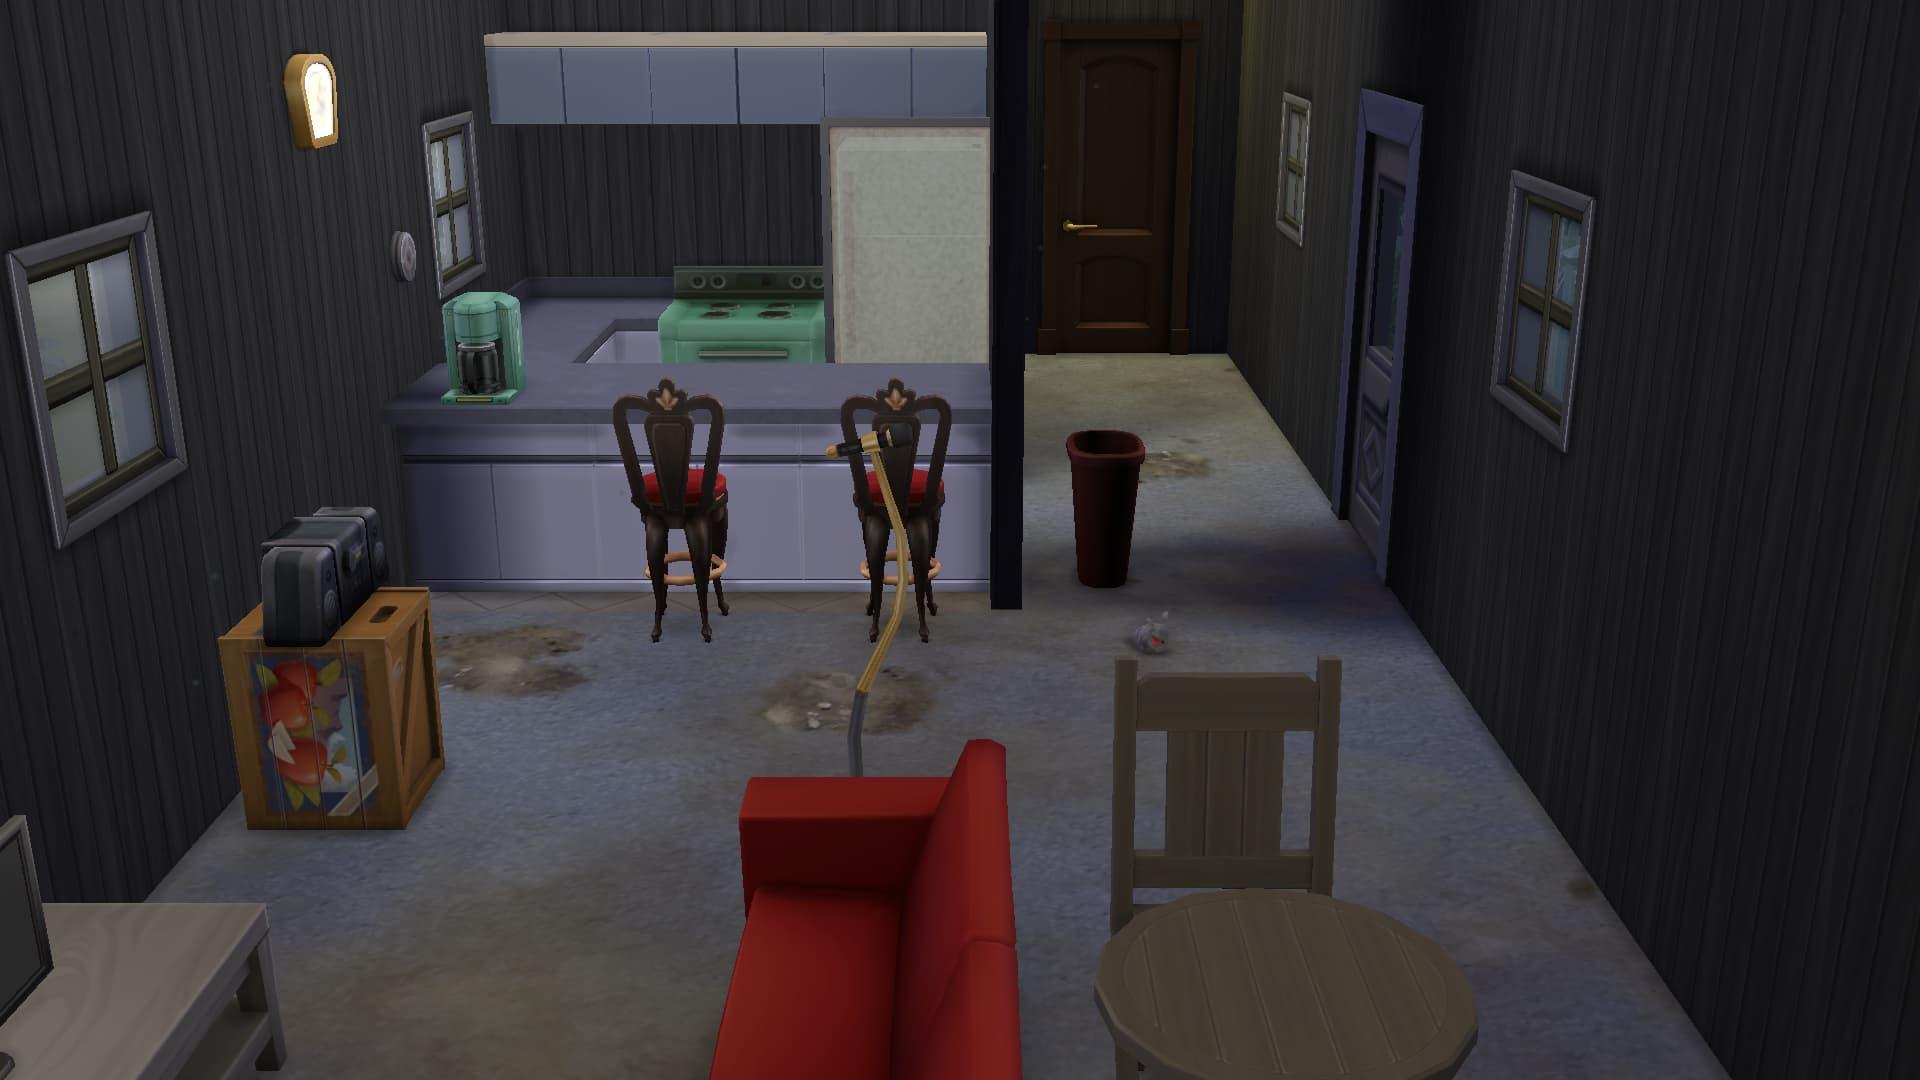 Cómo limpiar y eliminar el polvo en Los Sims 4 para dejar tu casa perfecta